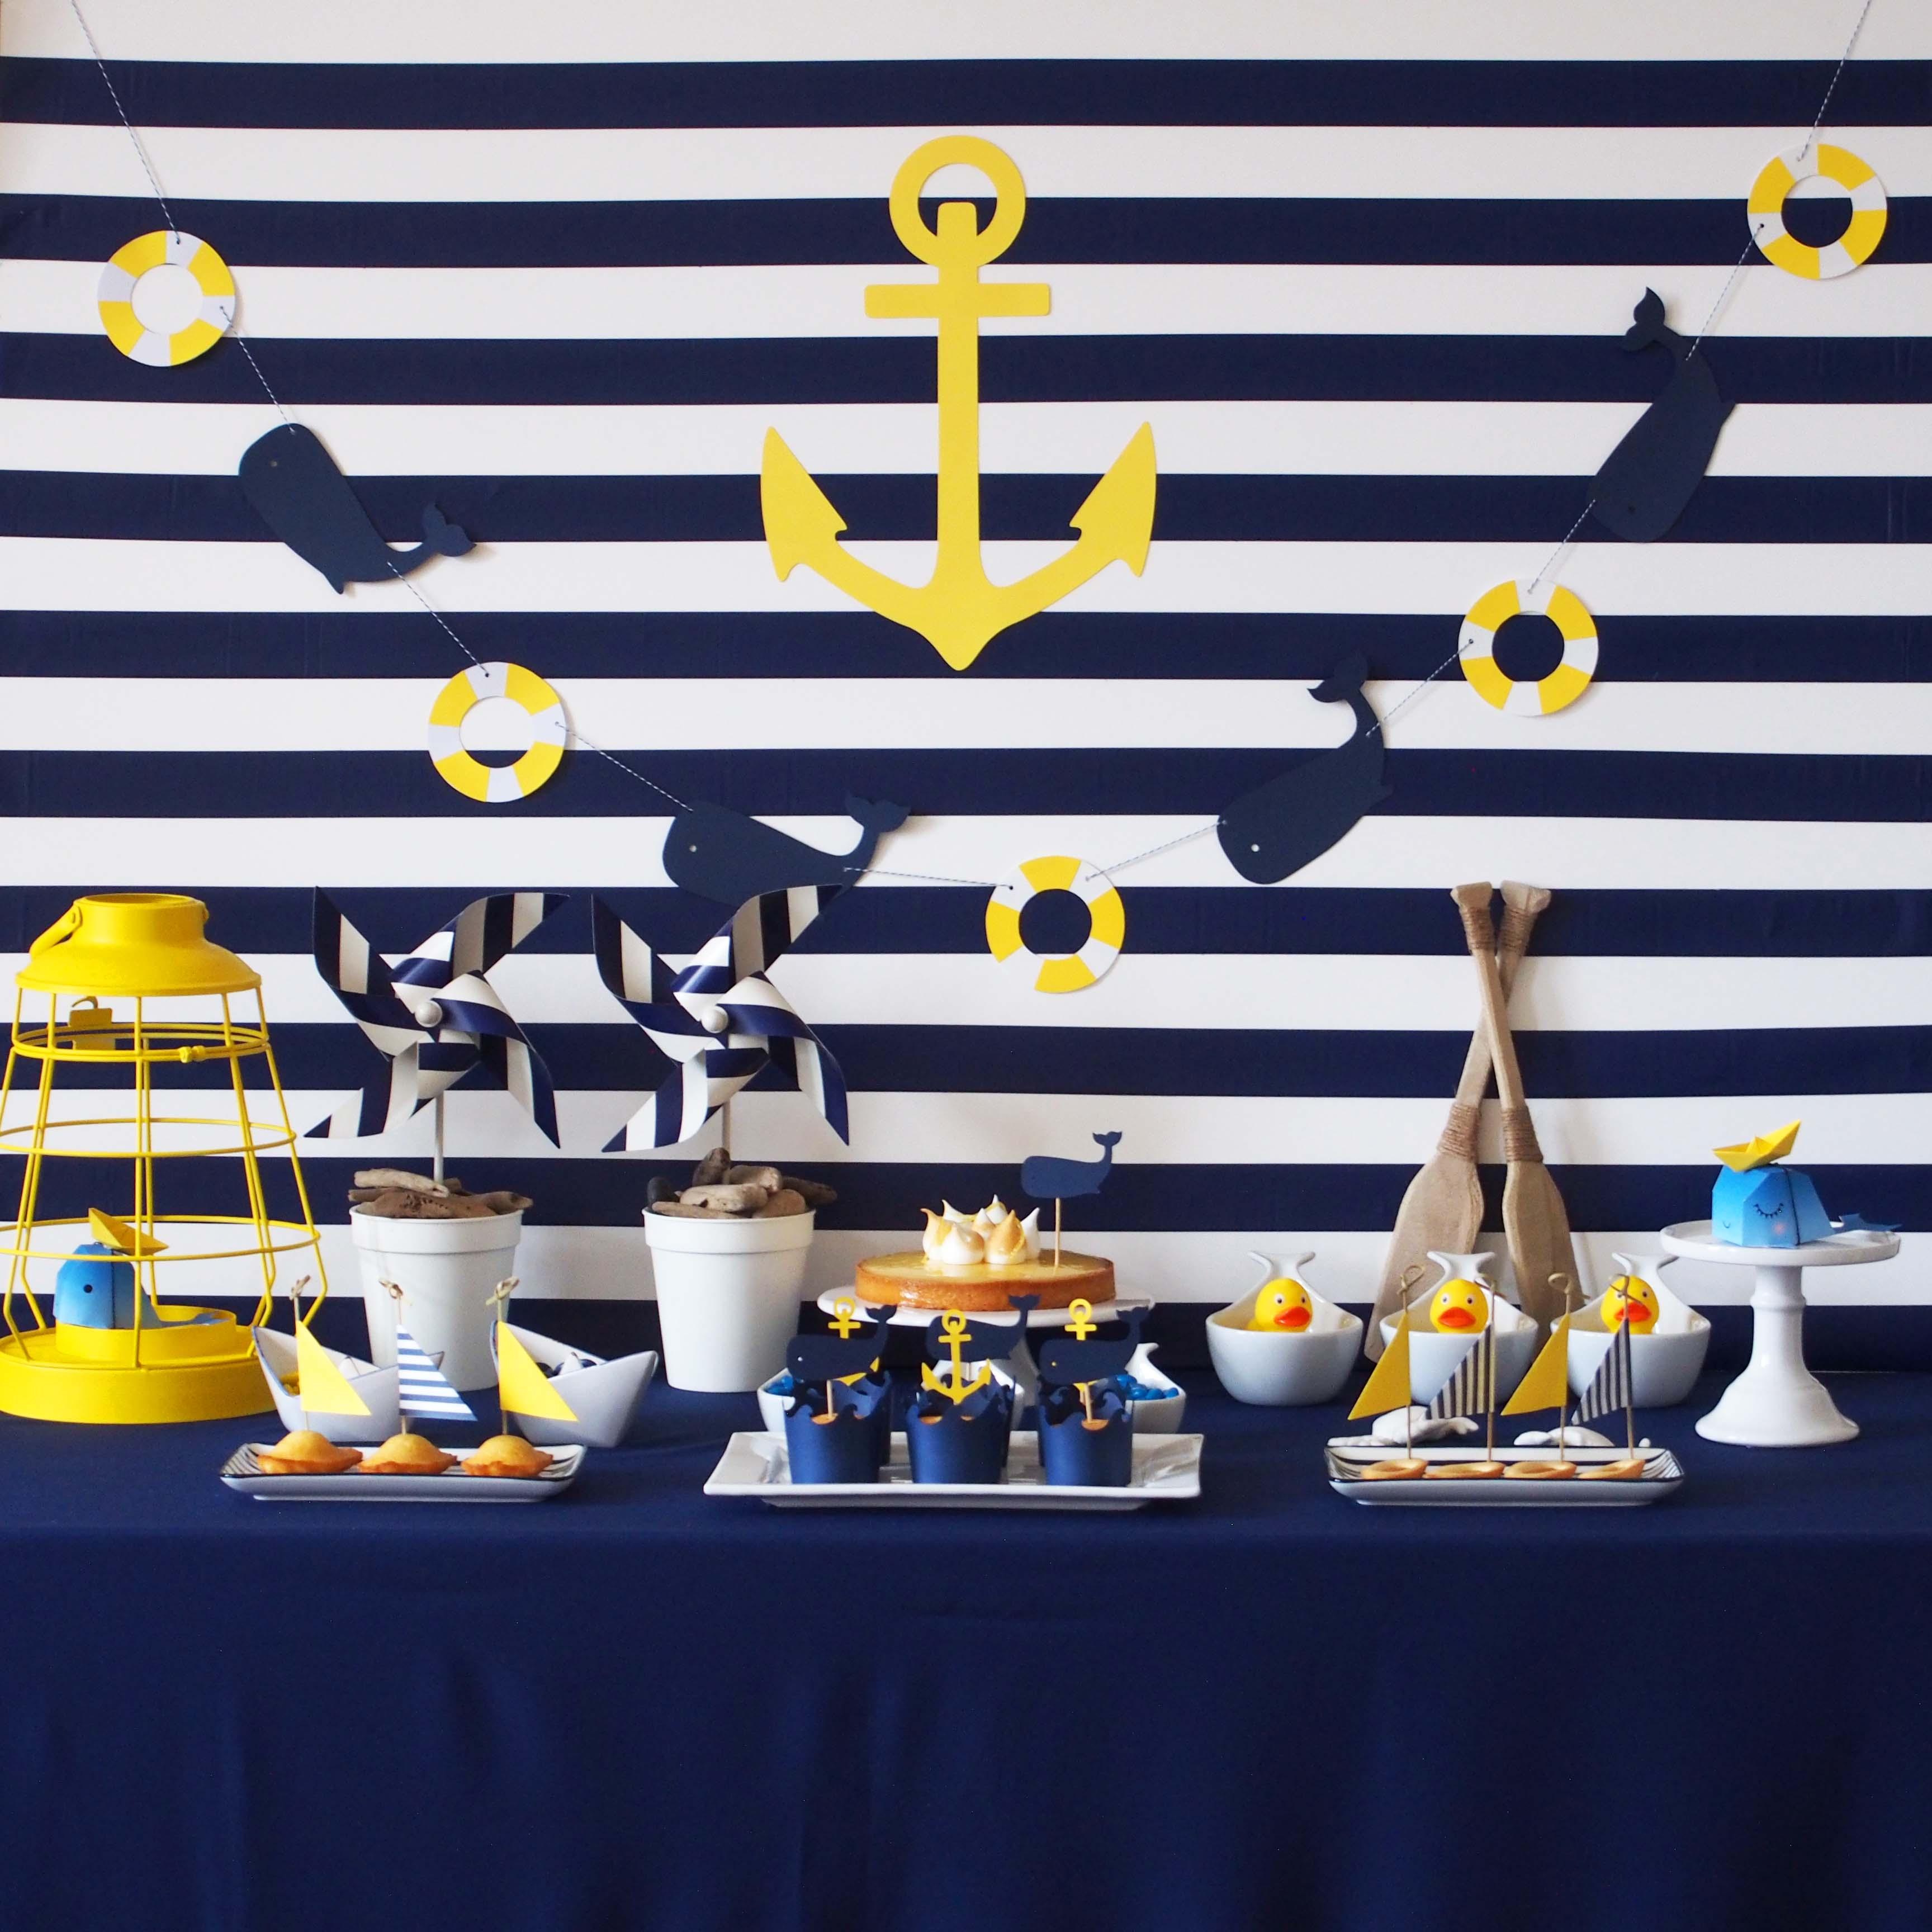 des marini res et des baleines pour une ambiance de f te. Black Bedroom Furniture Sets. Home Design Ideas